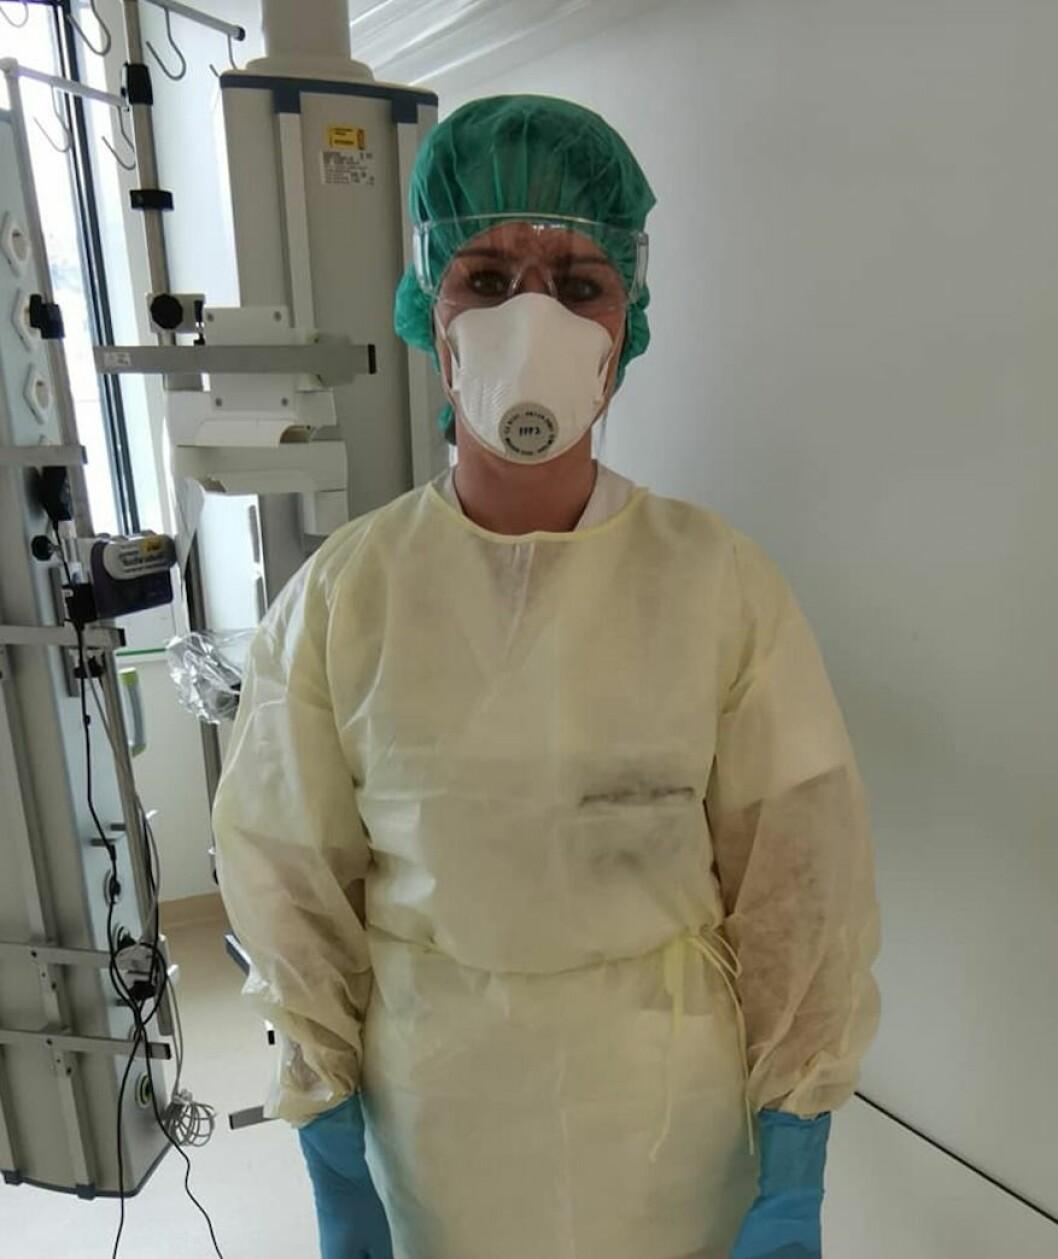 Bildet er av Unni Syre, spesialfysioterapeut ved terapiavdelingen Stavanger universitetssykehus og gruppeleder for fysioterapeuter på intensivavdelingen.Foto: Privat